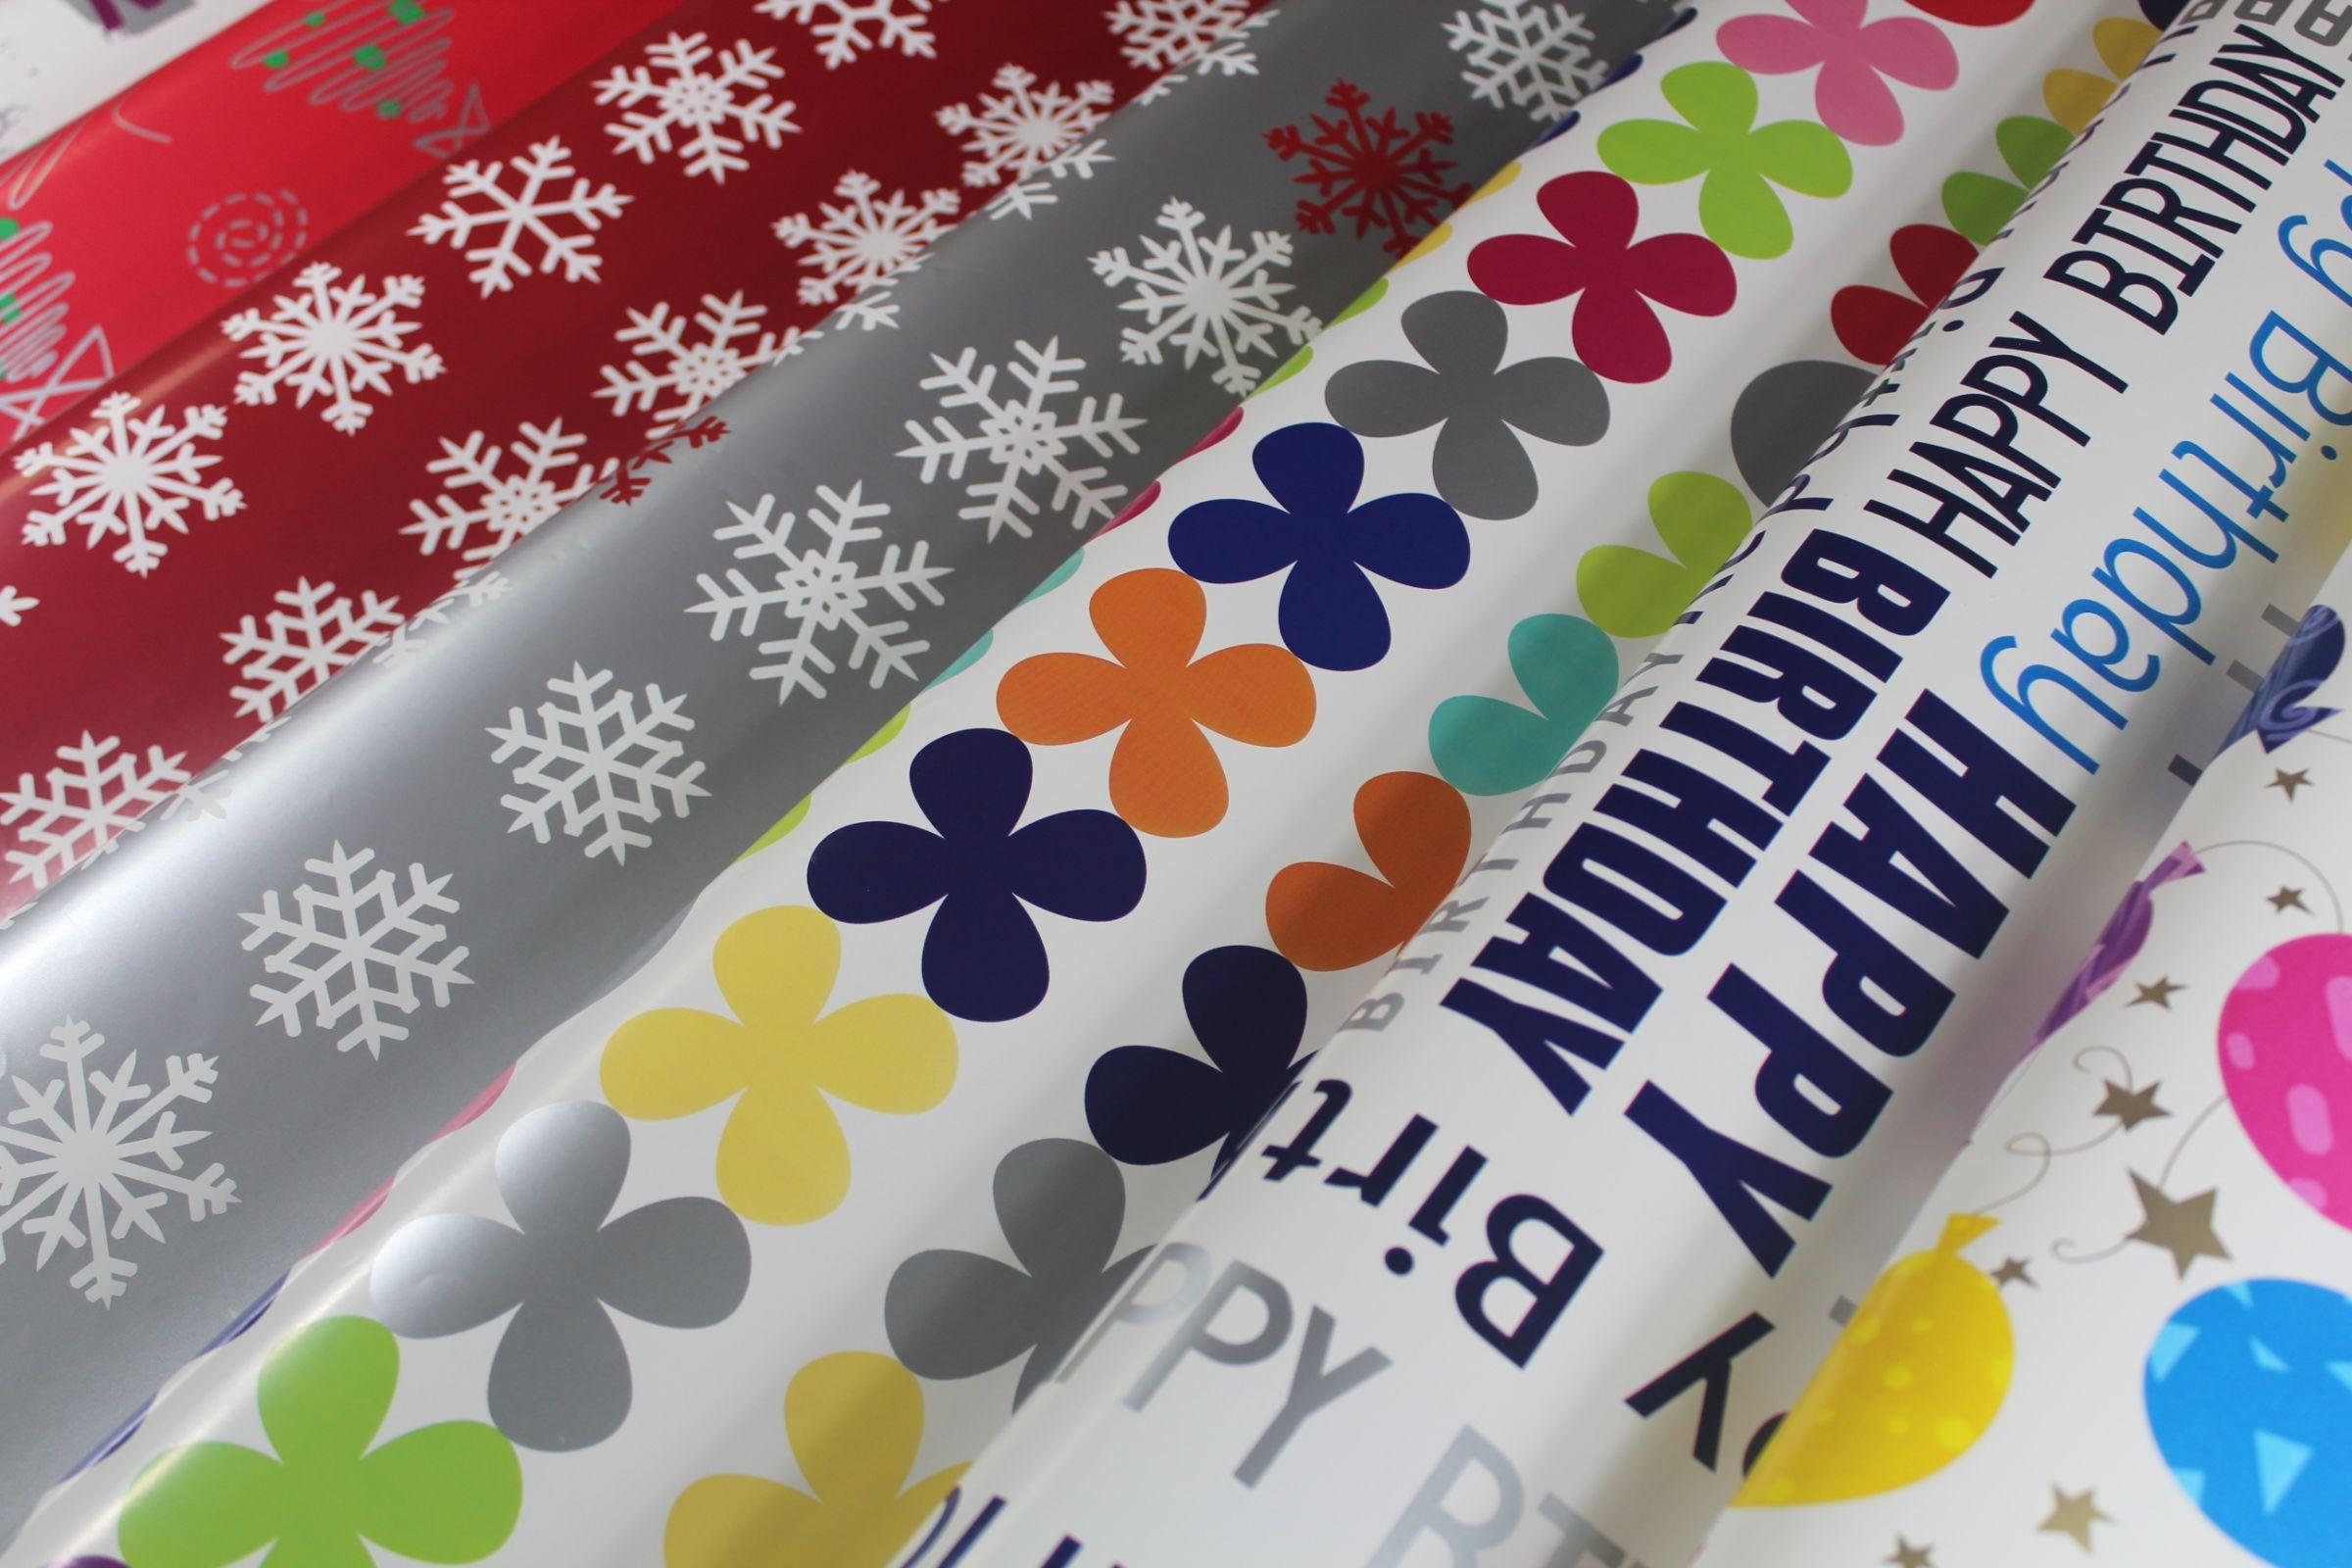 80 Gramm Kunst-Geschenkpapier bedruckt mit alltäglichen Motiven zum Verpacken von Geschenken für alle Gelegenheiten.